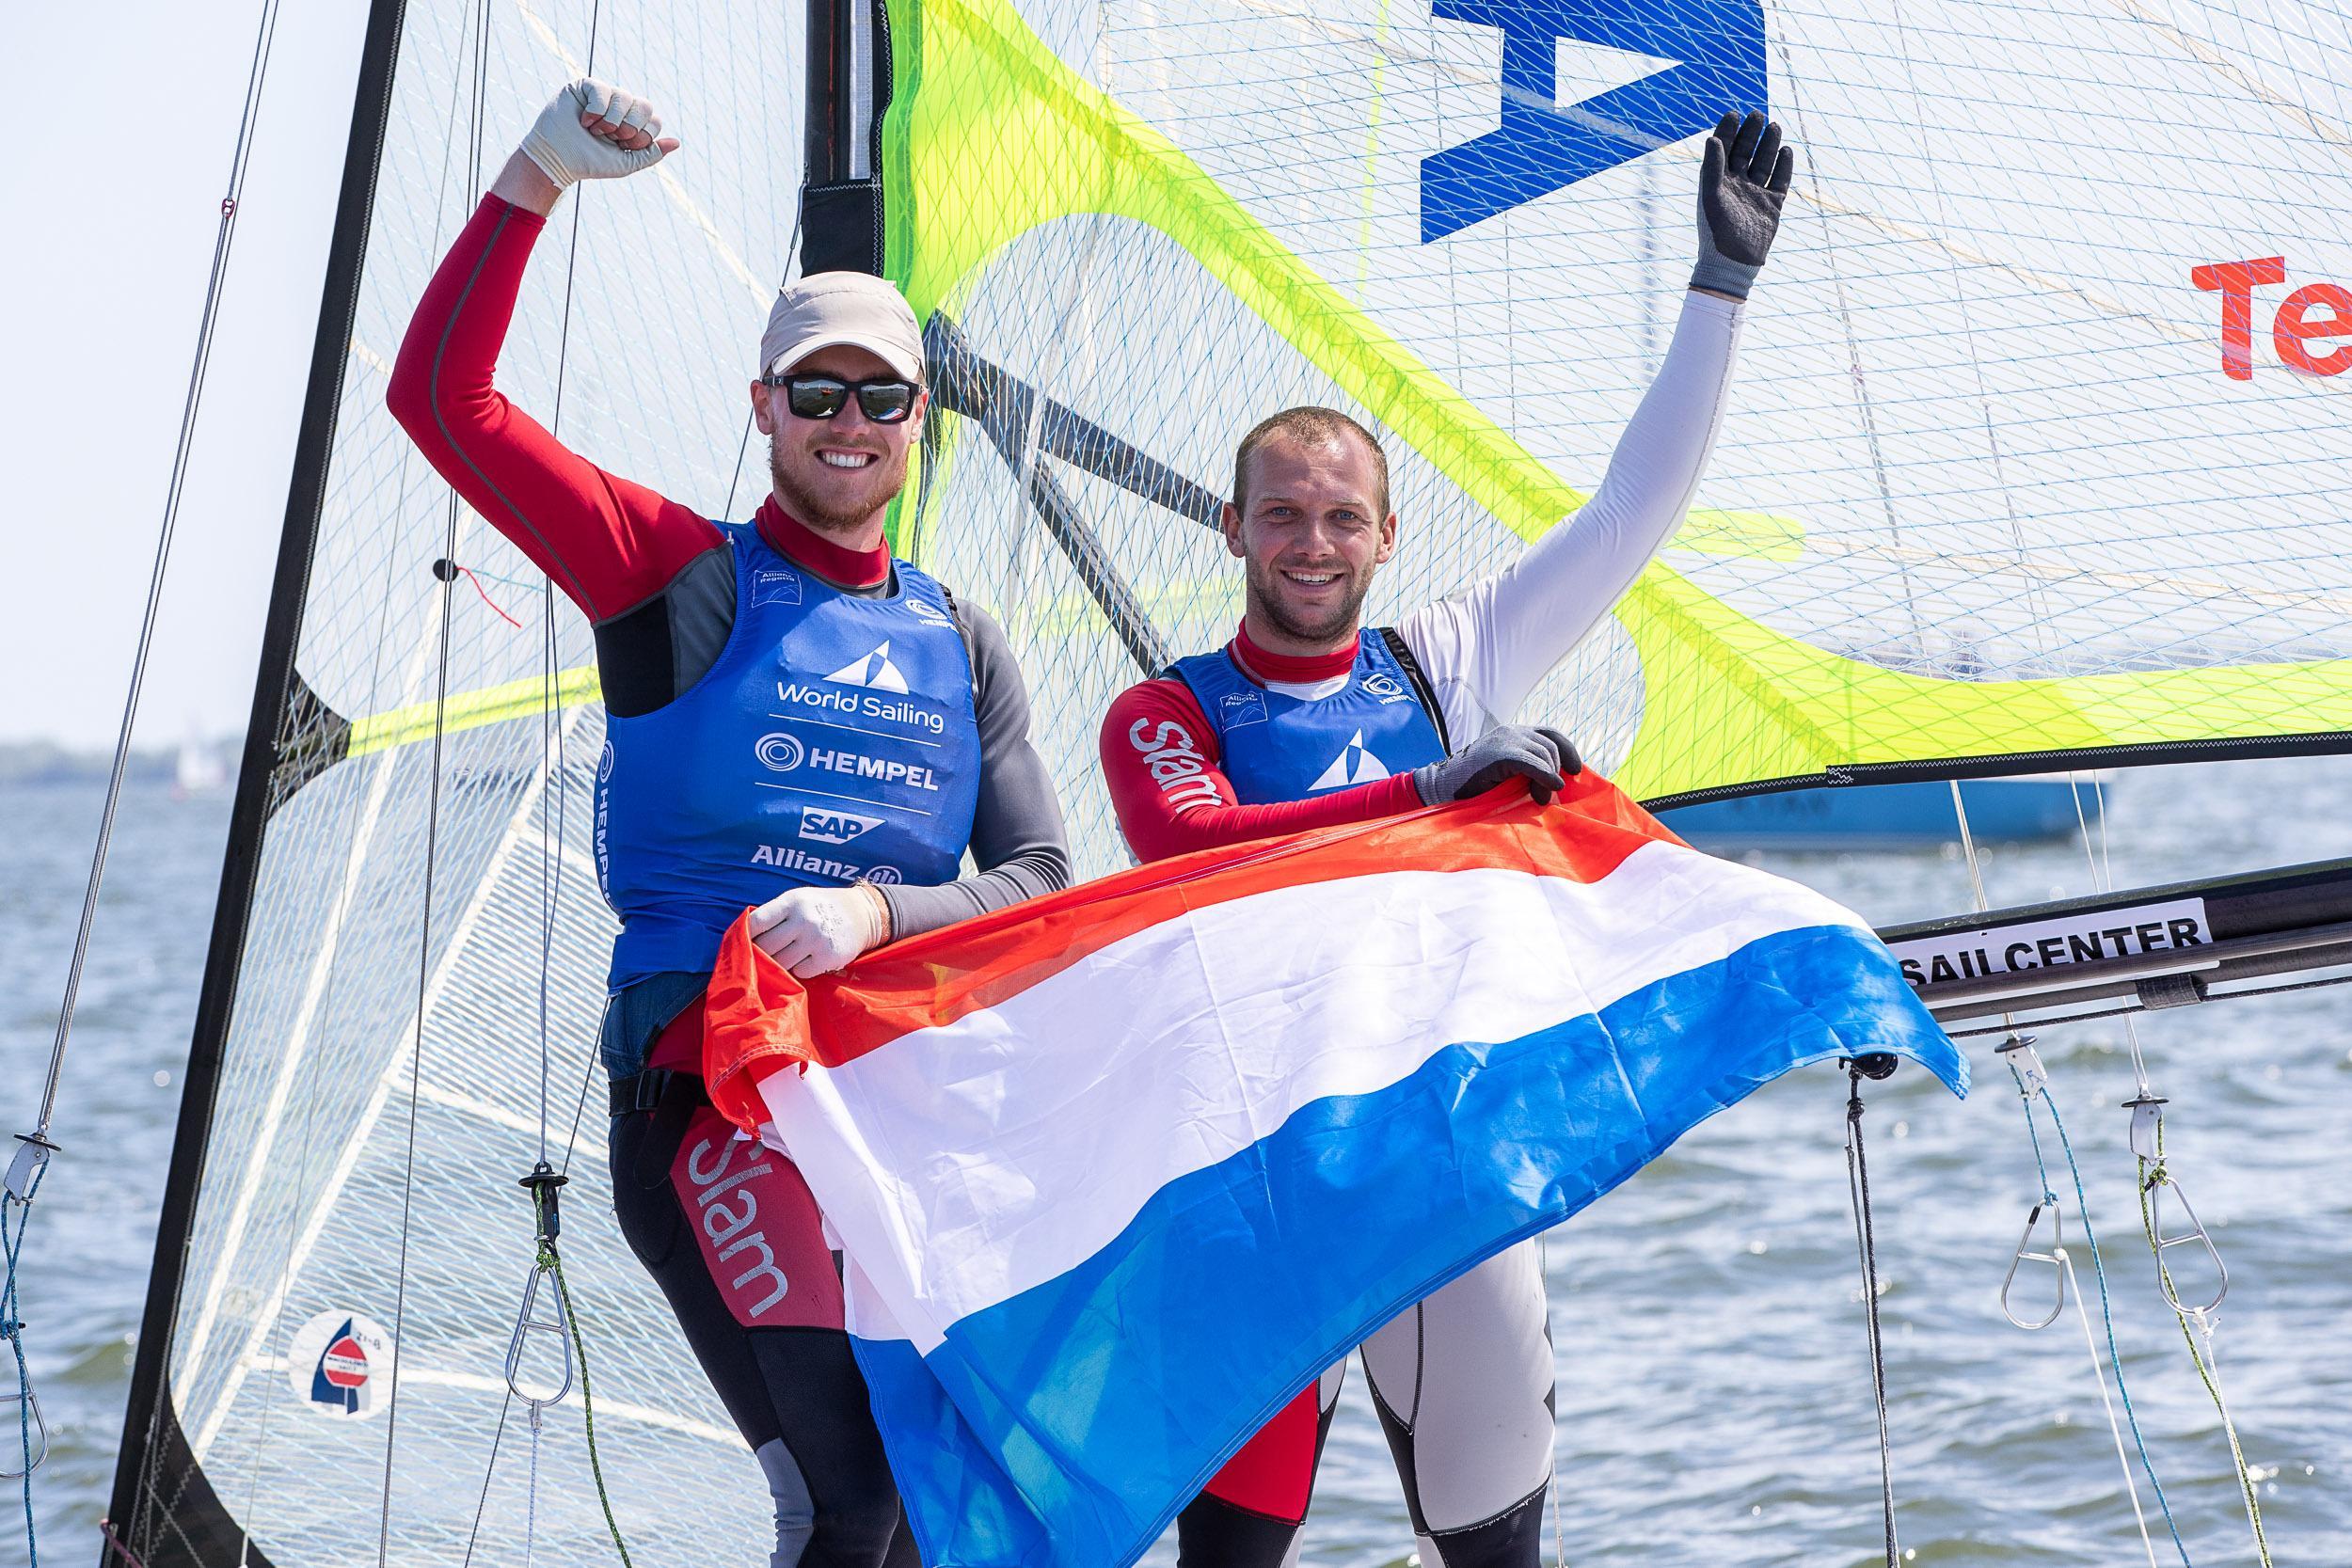 Nederlandse olympische zeilteams sluiten toernooi in Medemblik in stijl af: goud voor de vrouwen en de mannen in 49'er-klasse